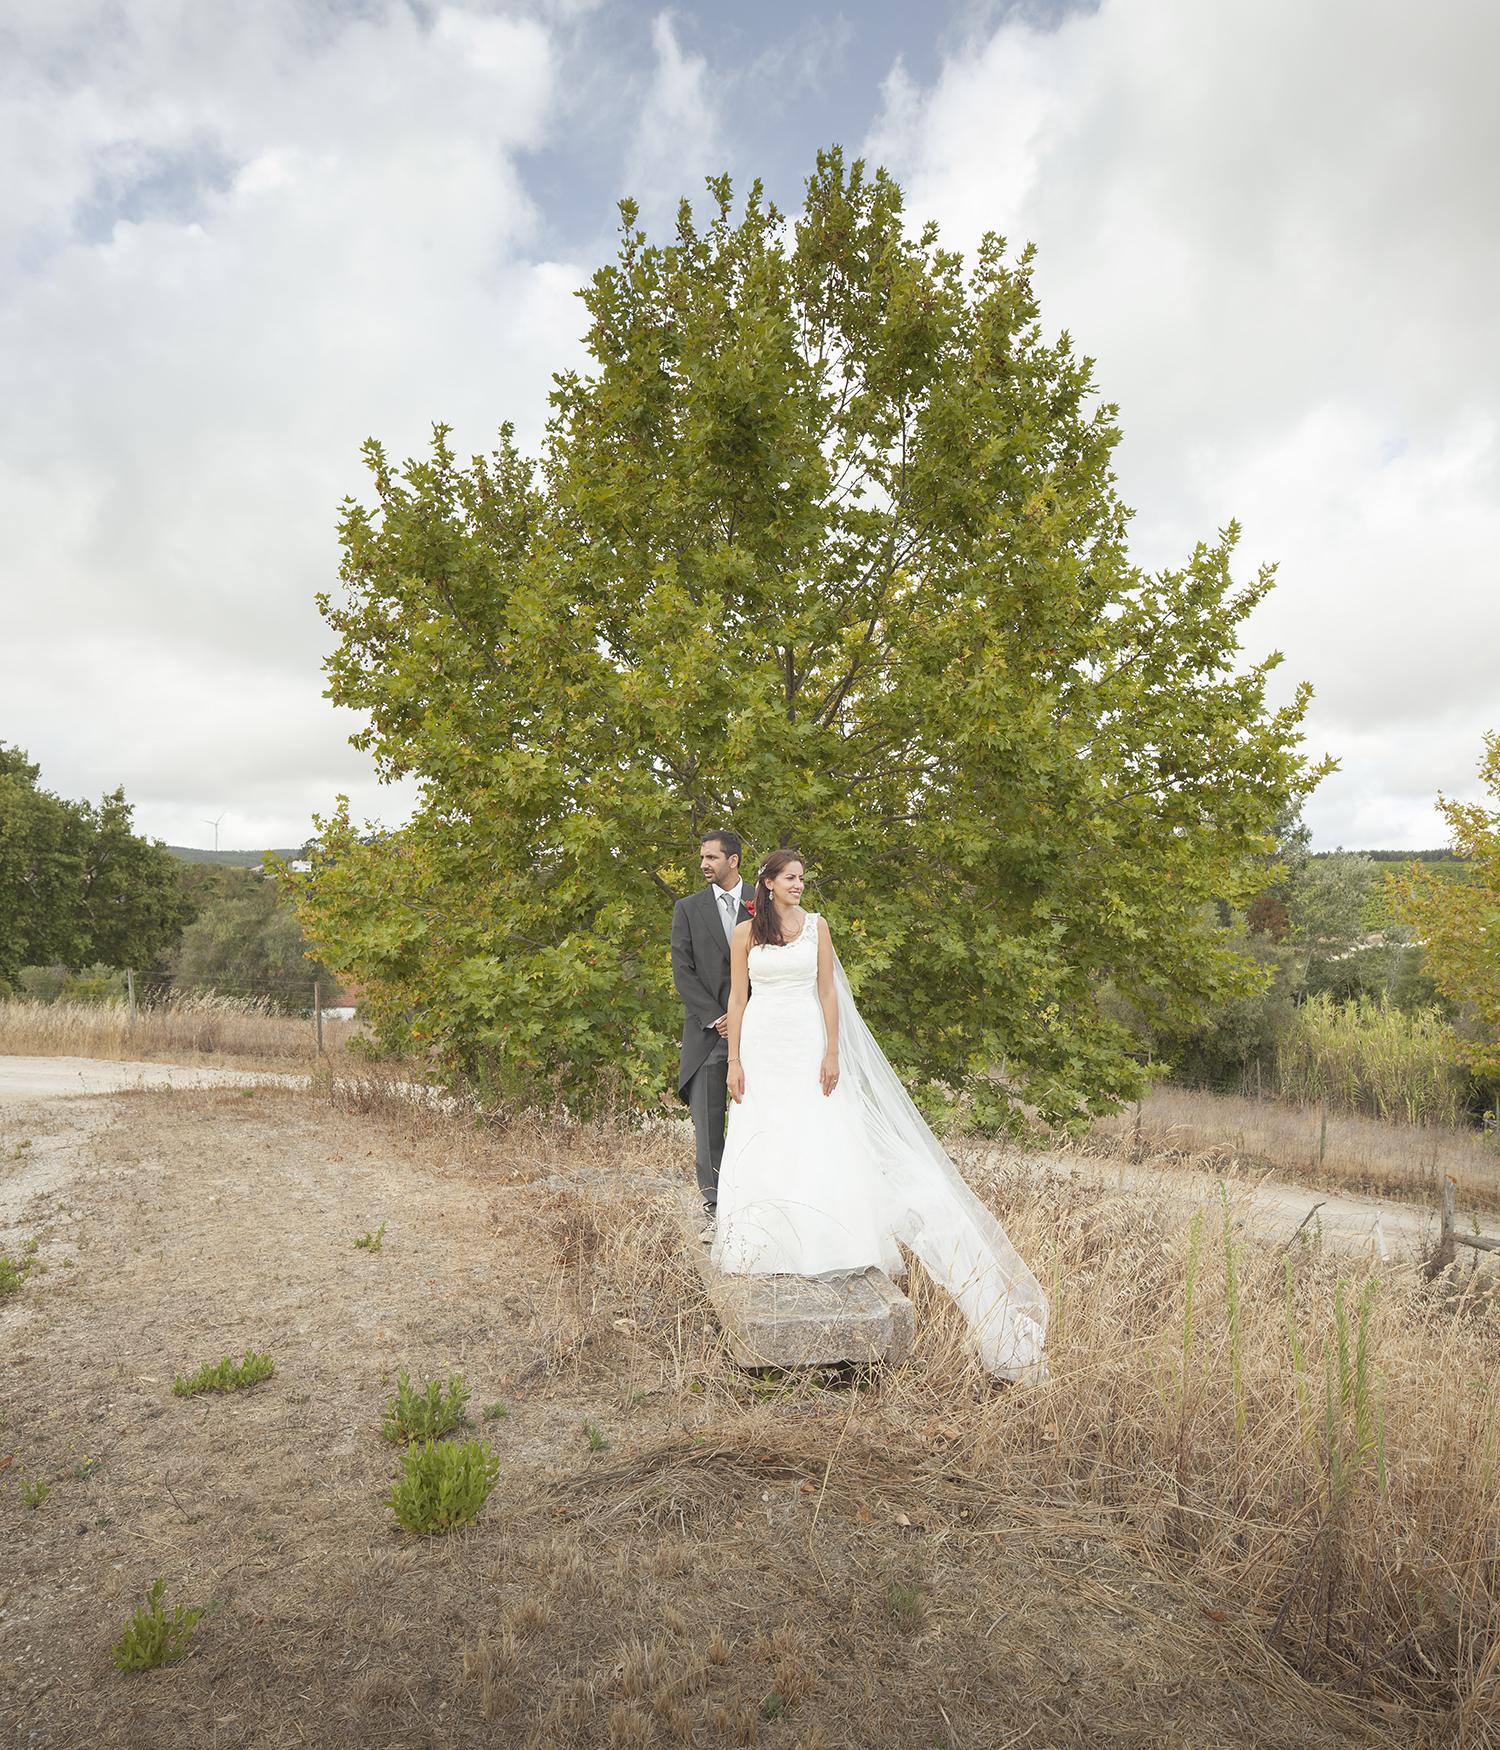 reportagem-casamento-quinta-bichinha-alenquer-terra-fotografia-187.jpg